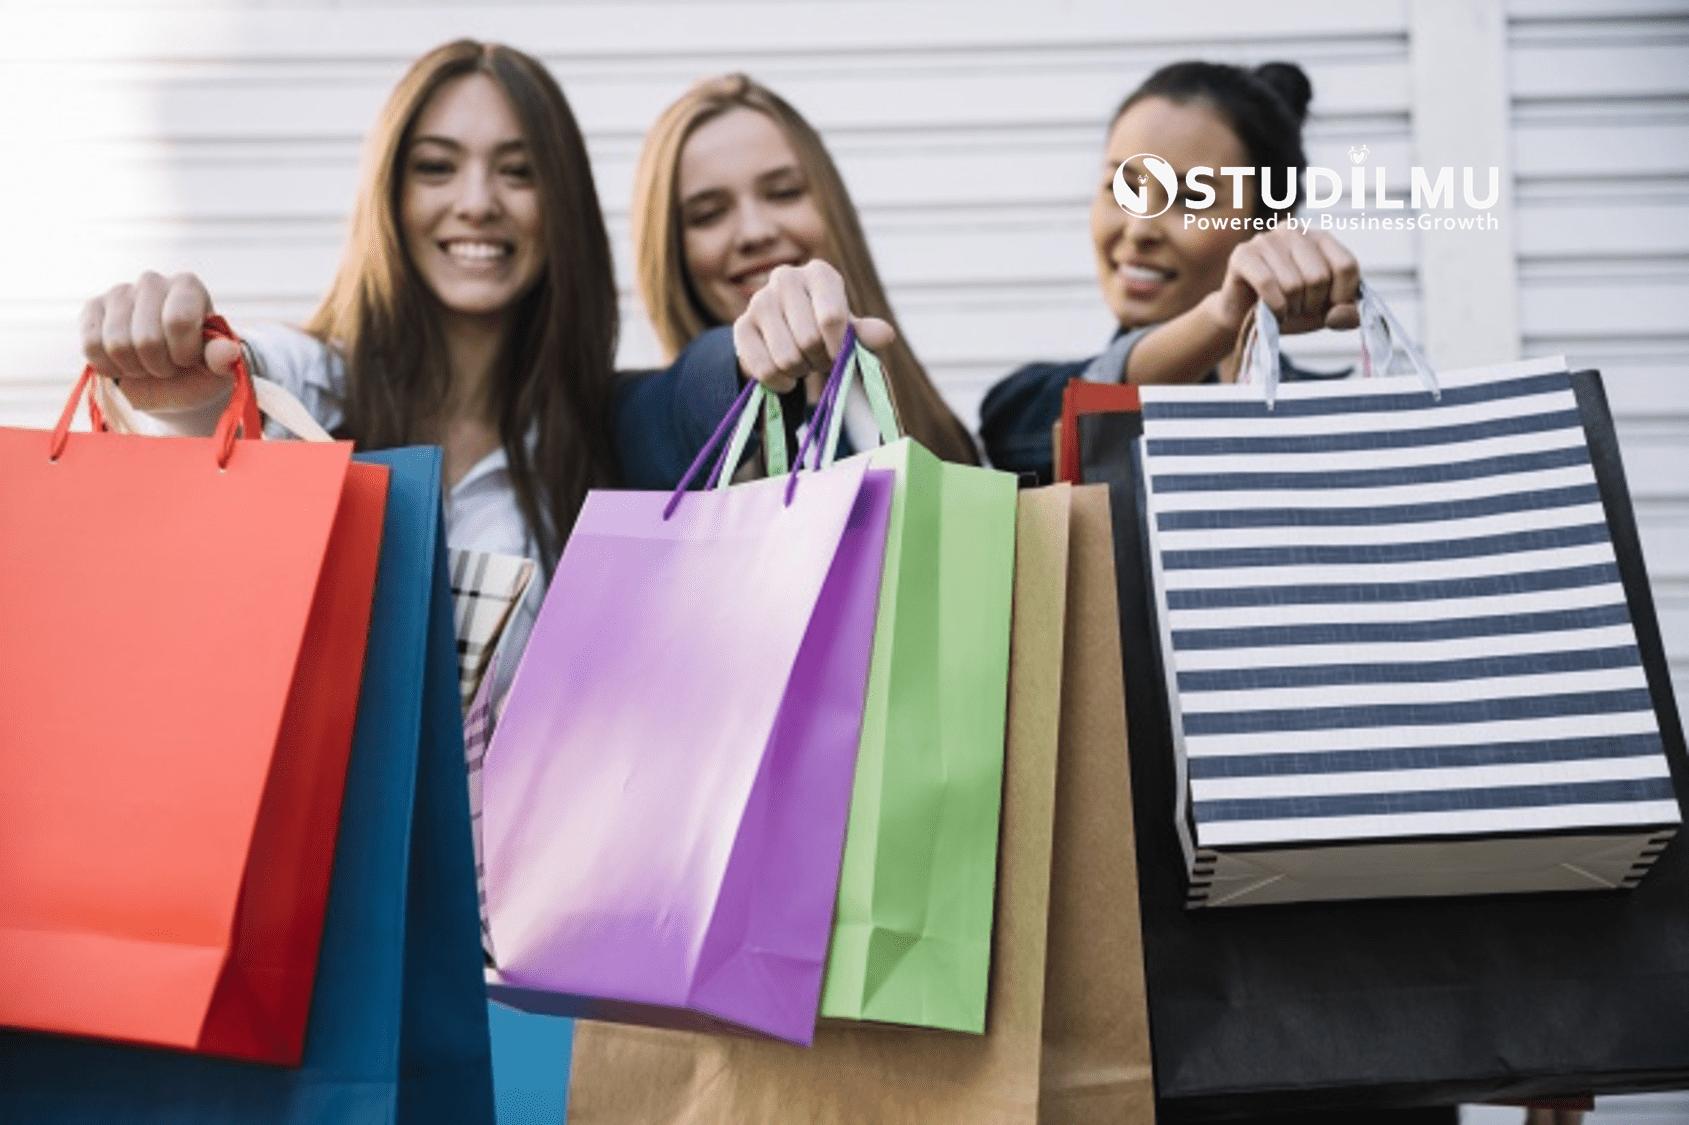 STUDILMU Career Advice - 4 Kunci Kepuasan Pelanggan di Zaman Modern